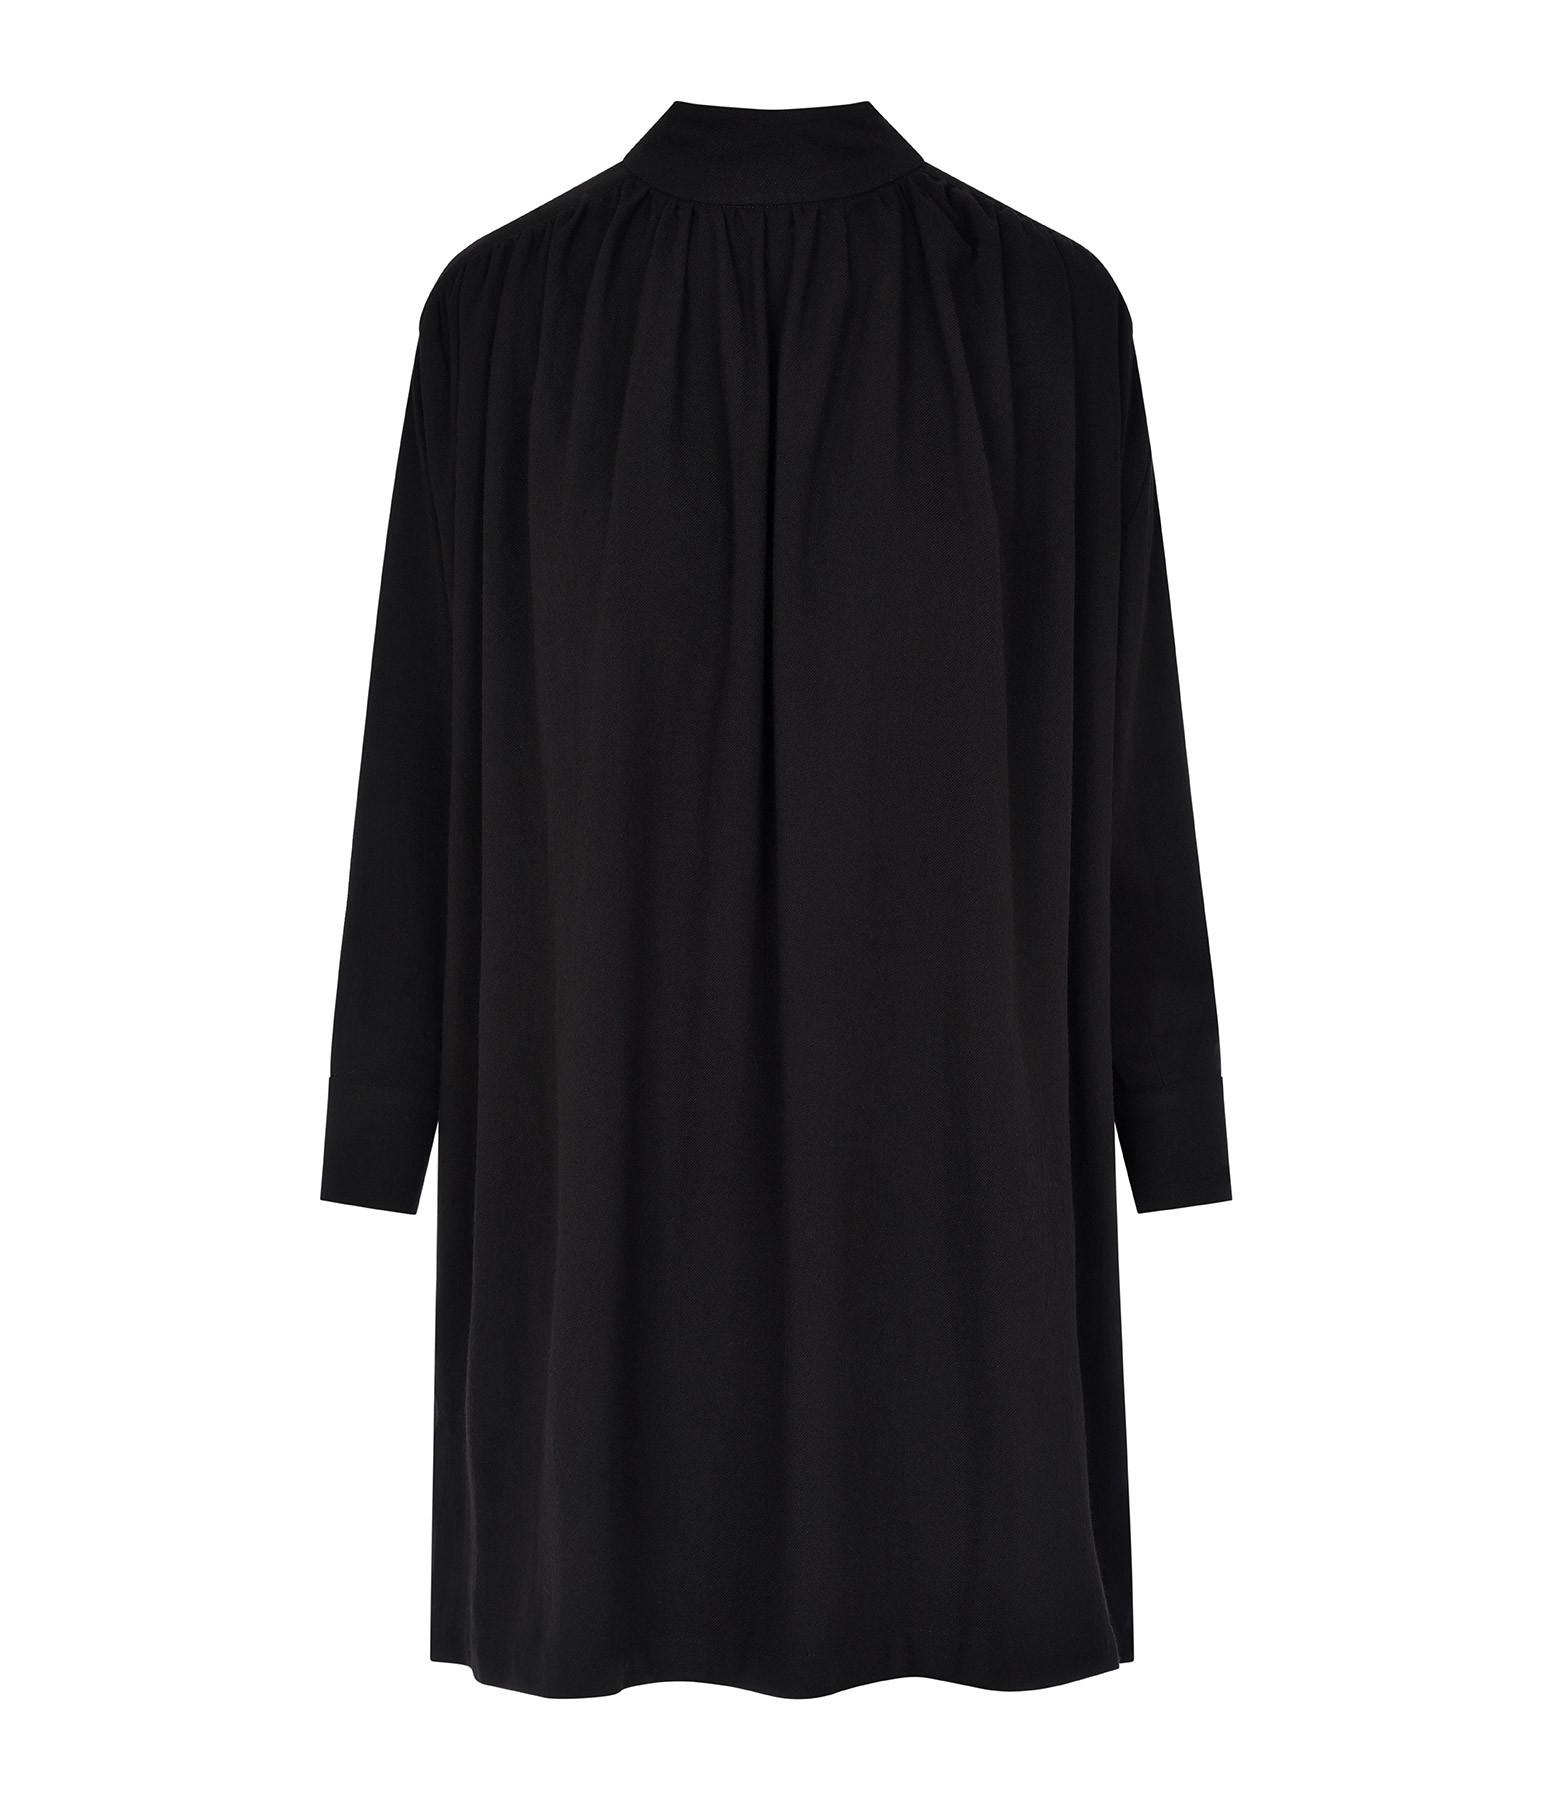 BELLE PIÈCE - Robe Georges Laine Noir